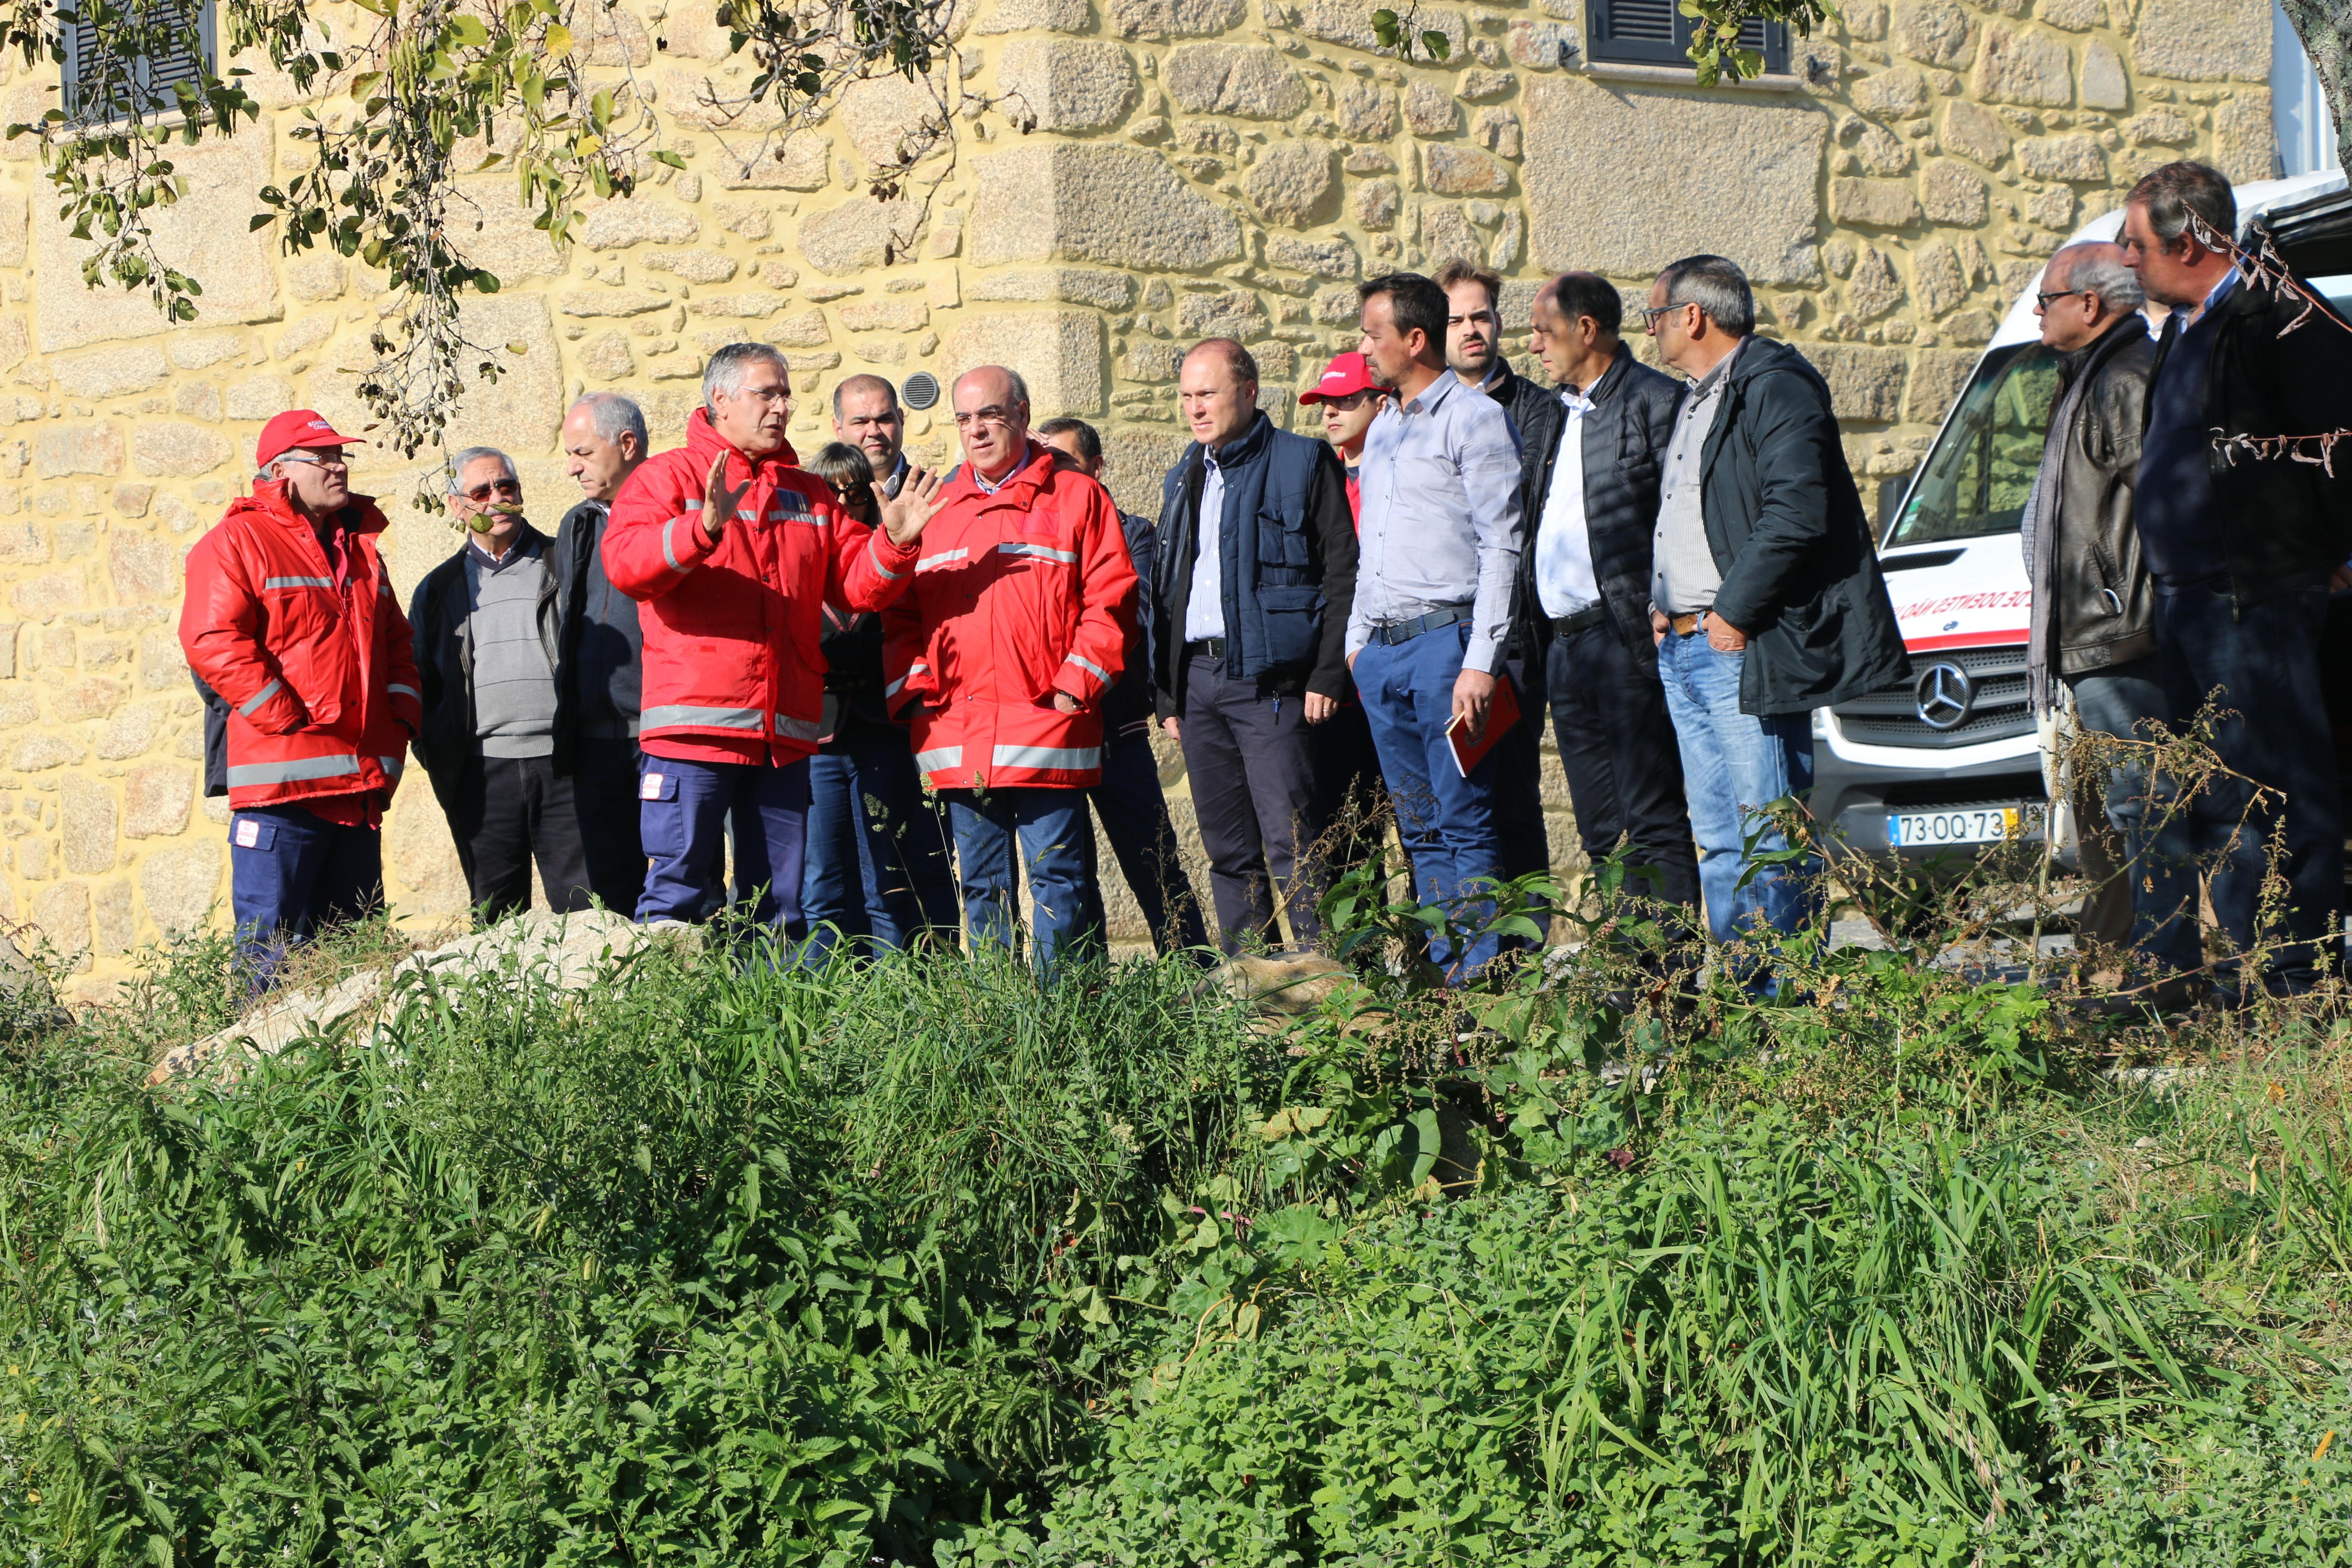 Câmara Municipal implementa ação de remoção de jacintos no Rio Cávado